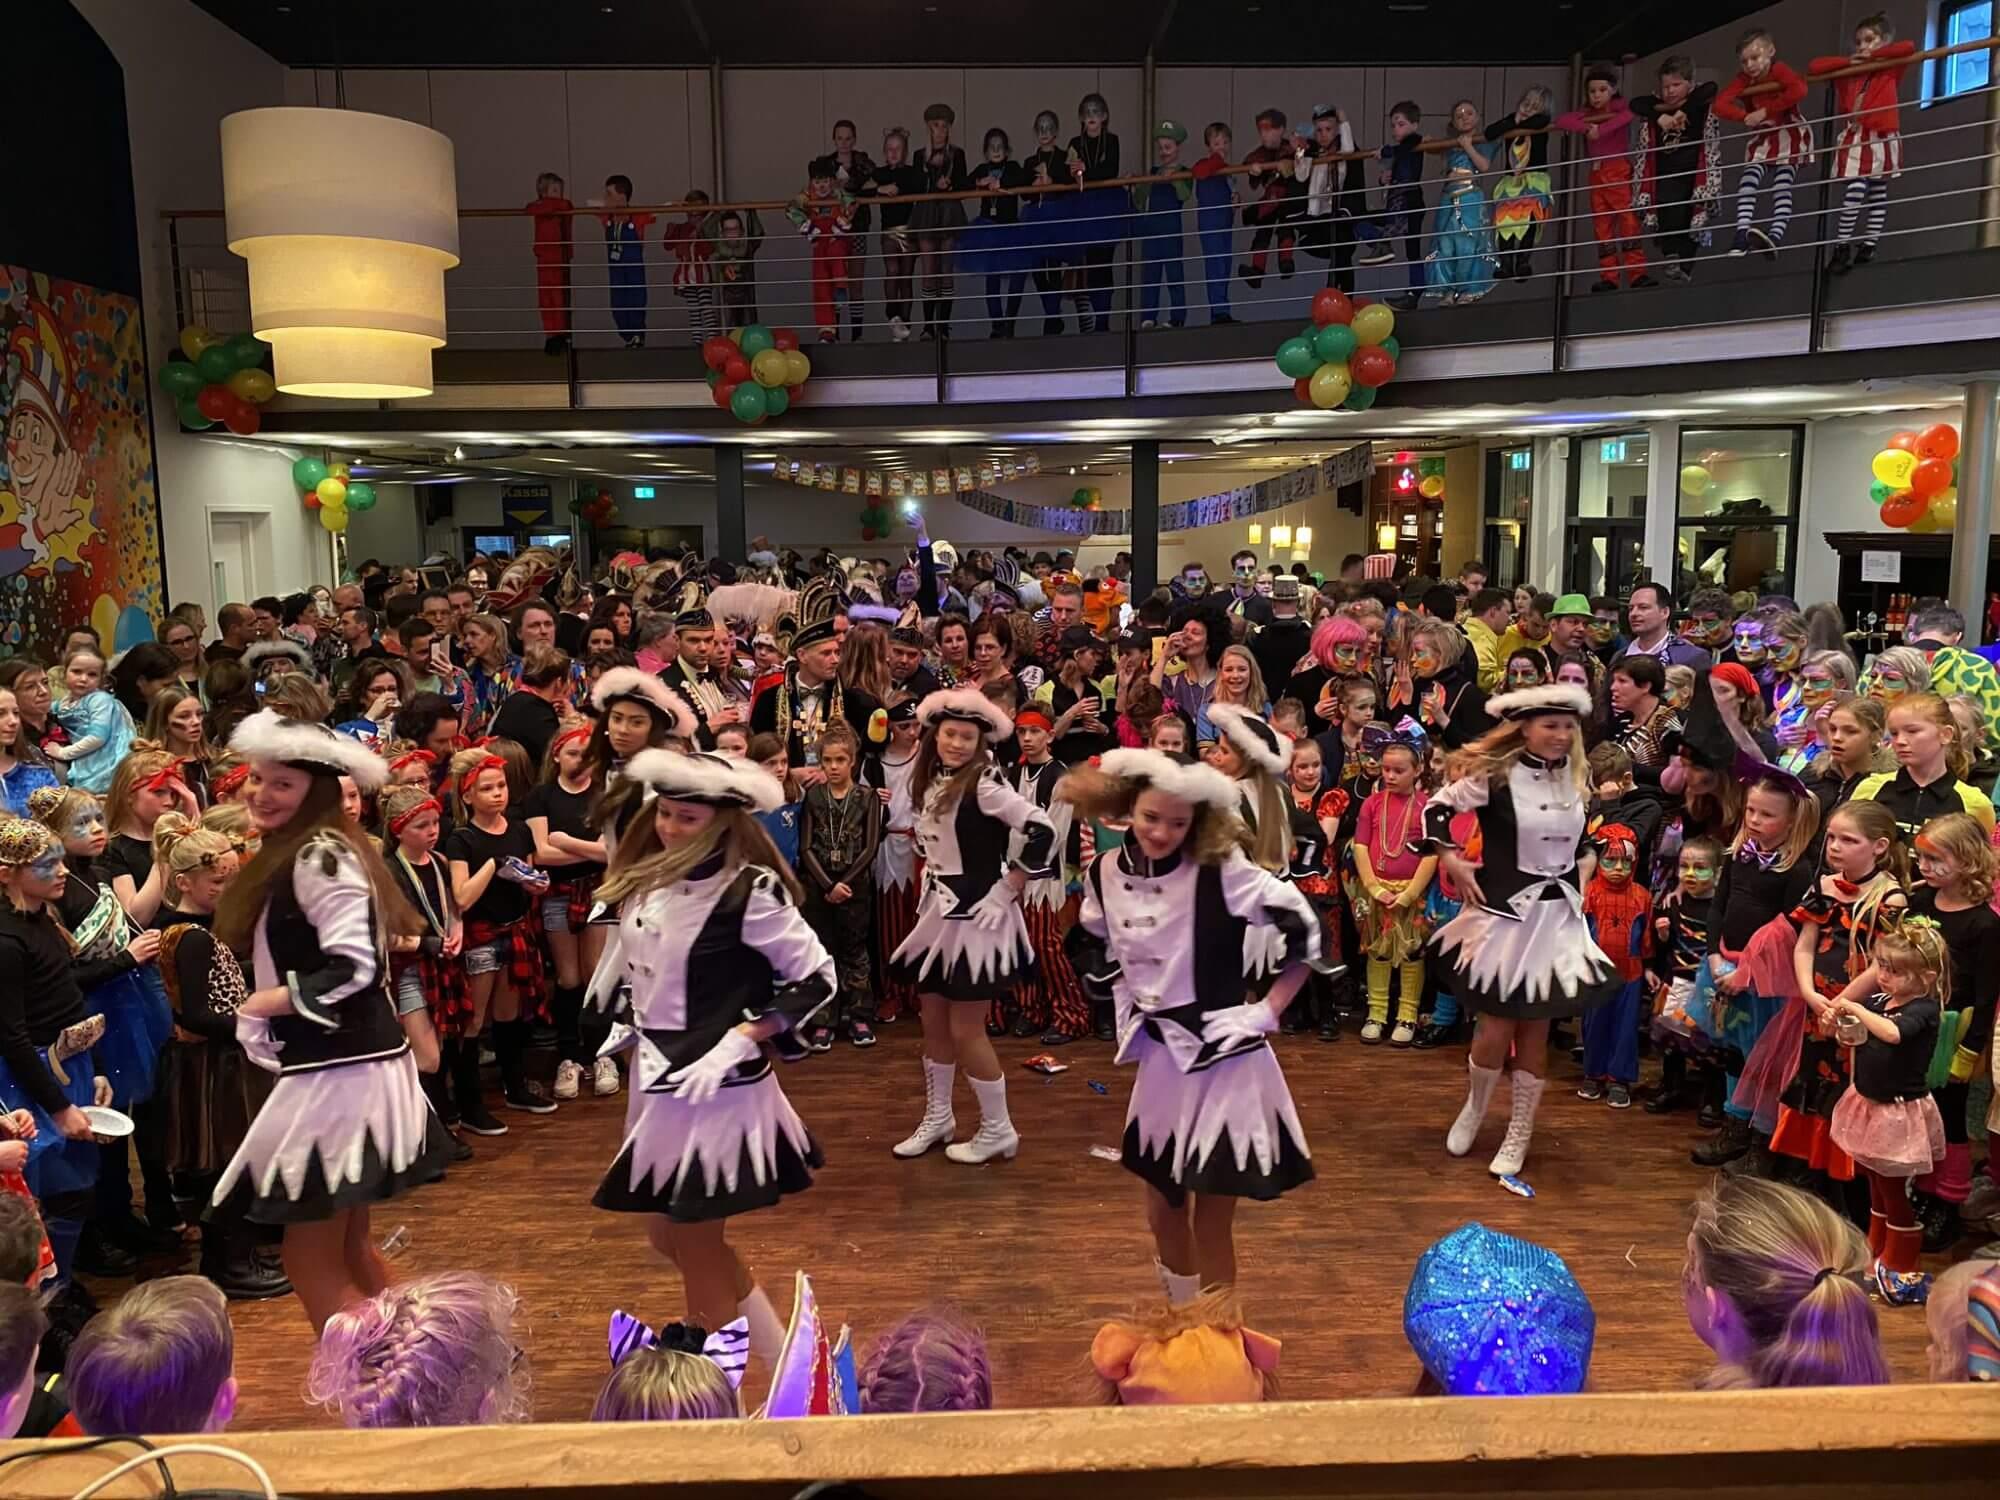 Carnaval Tubbergen